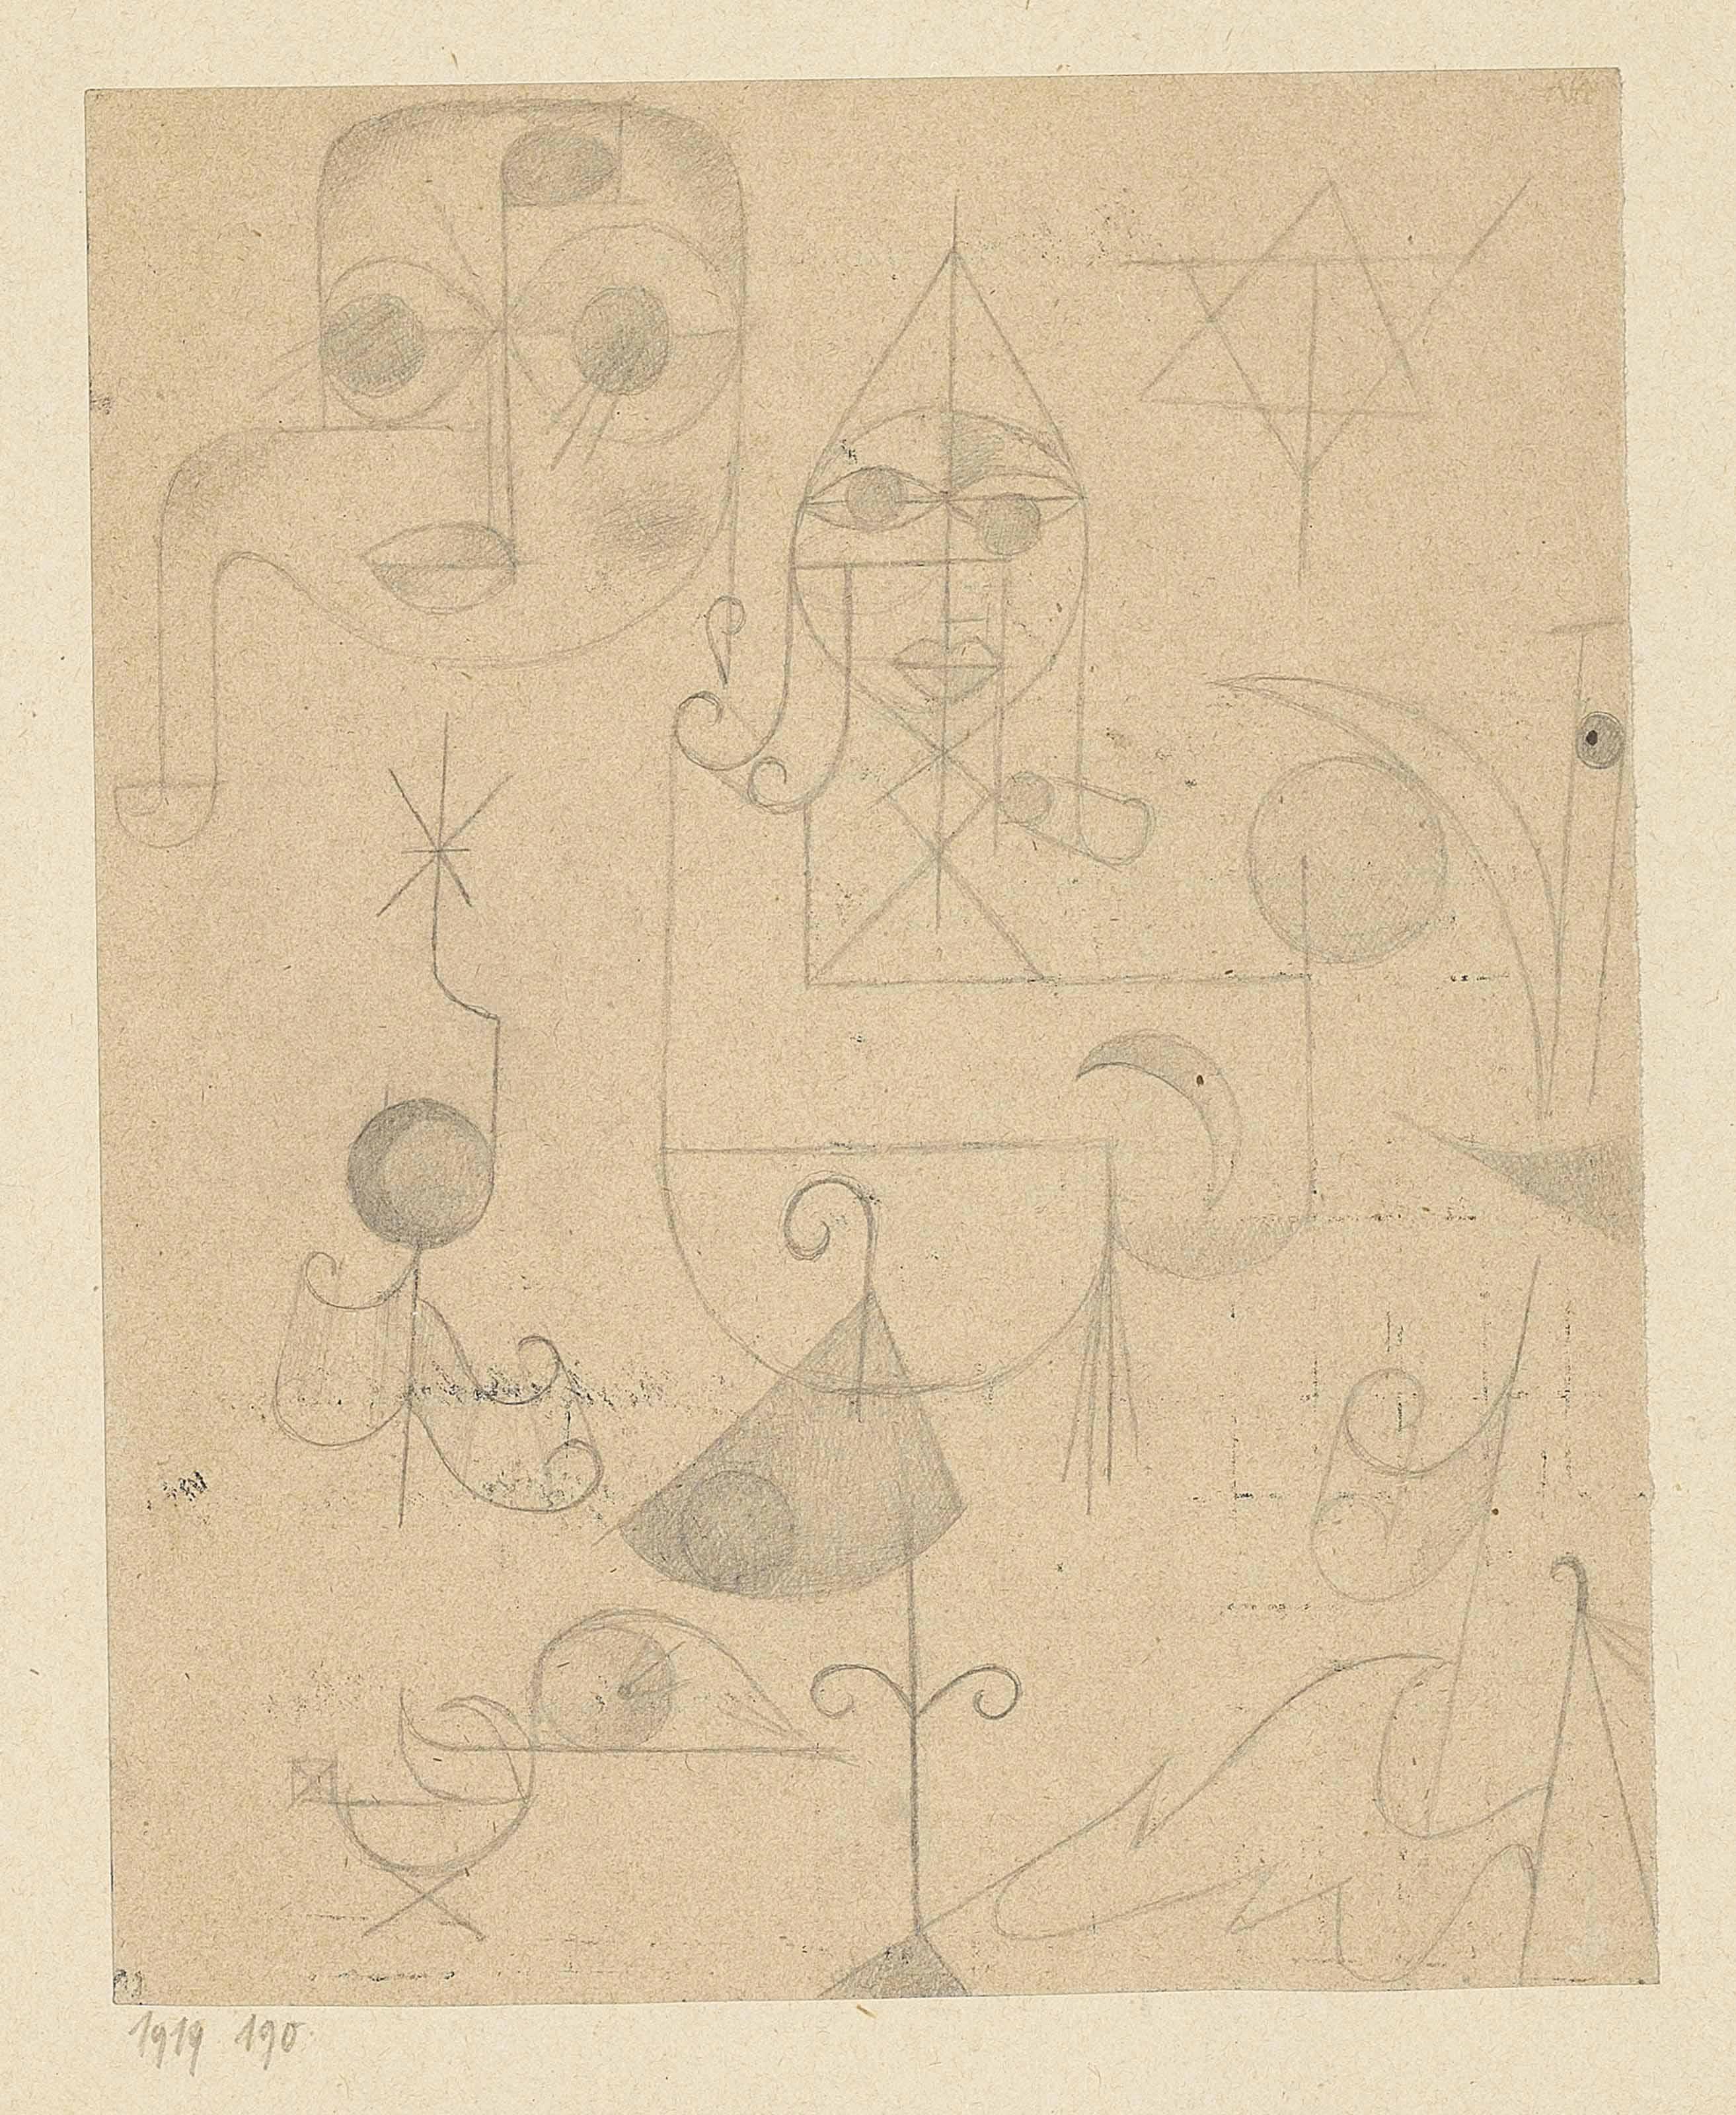 paul klee 1879 1940 gestirne und sternbilder stars and constellations christie s